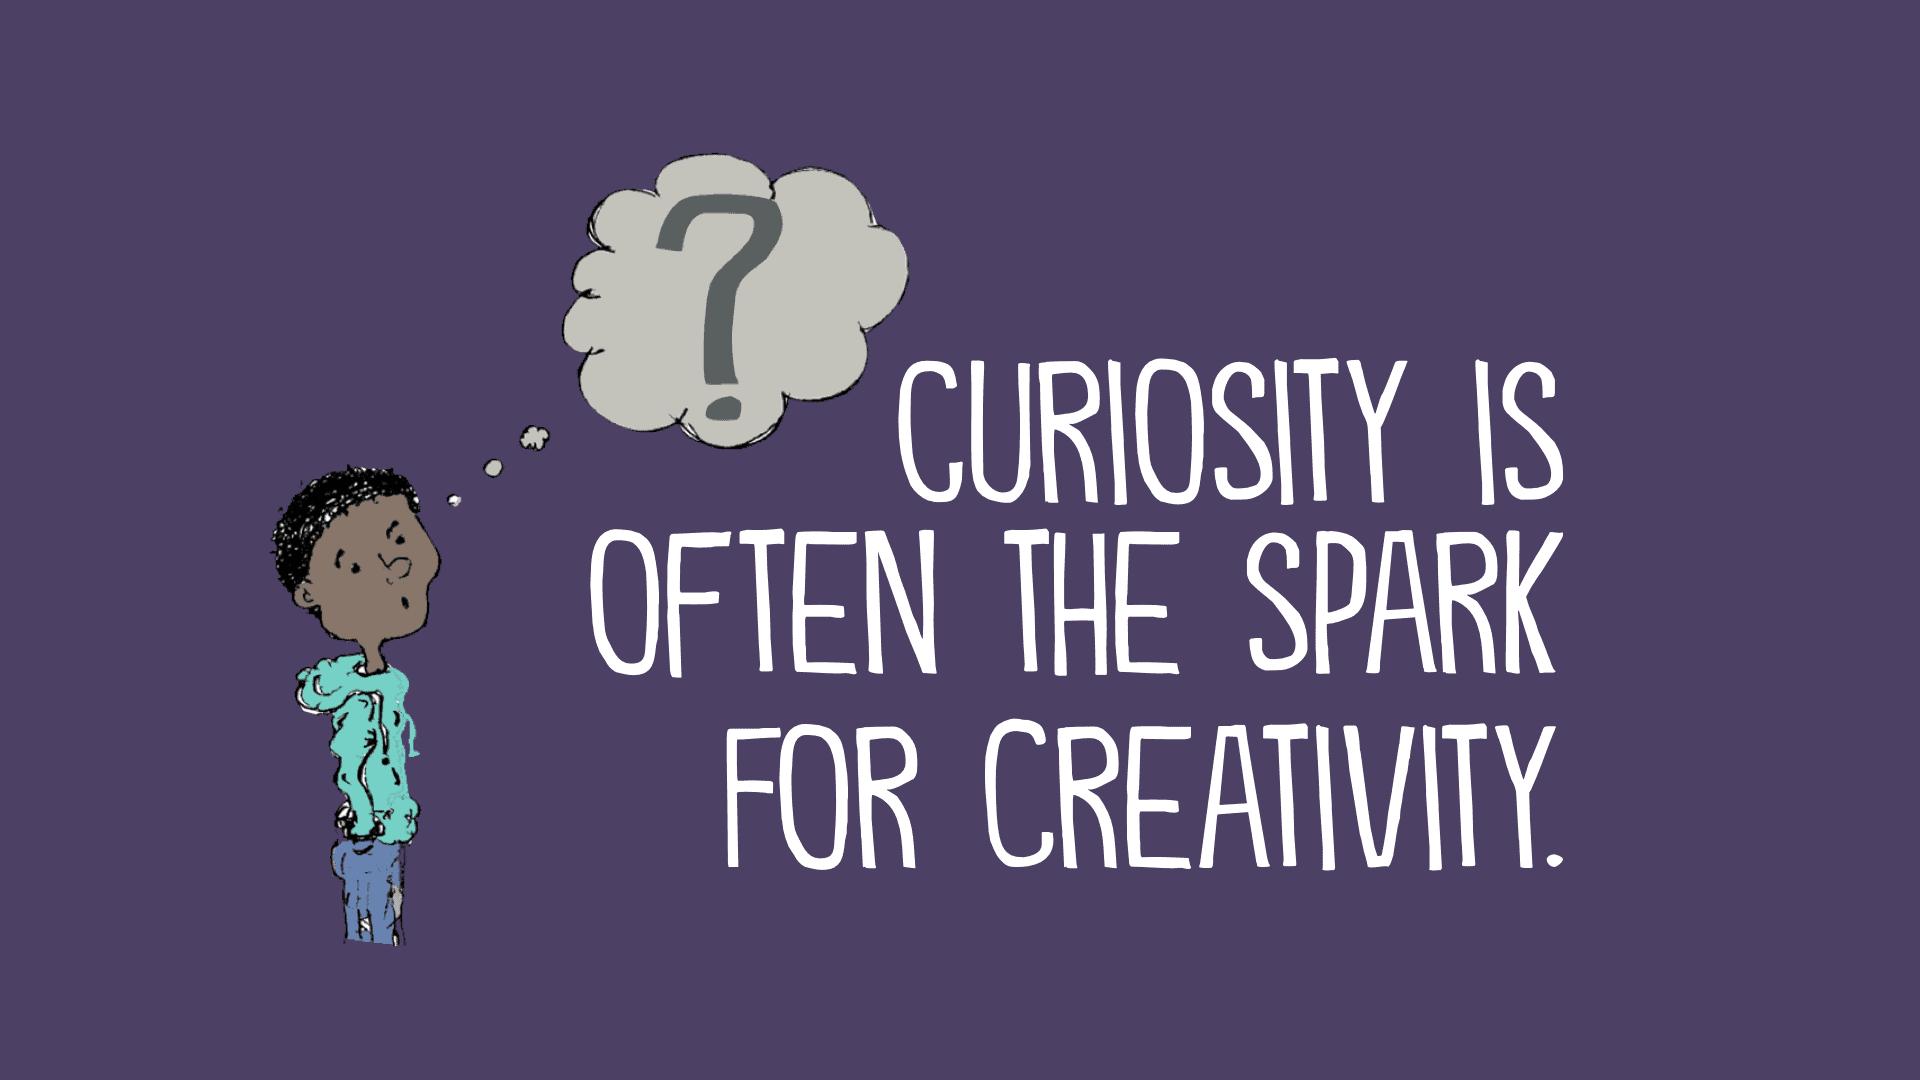 Curiosity is the spark of creativity, John Spencer, Teacher